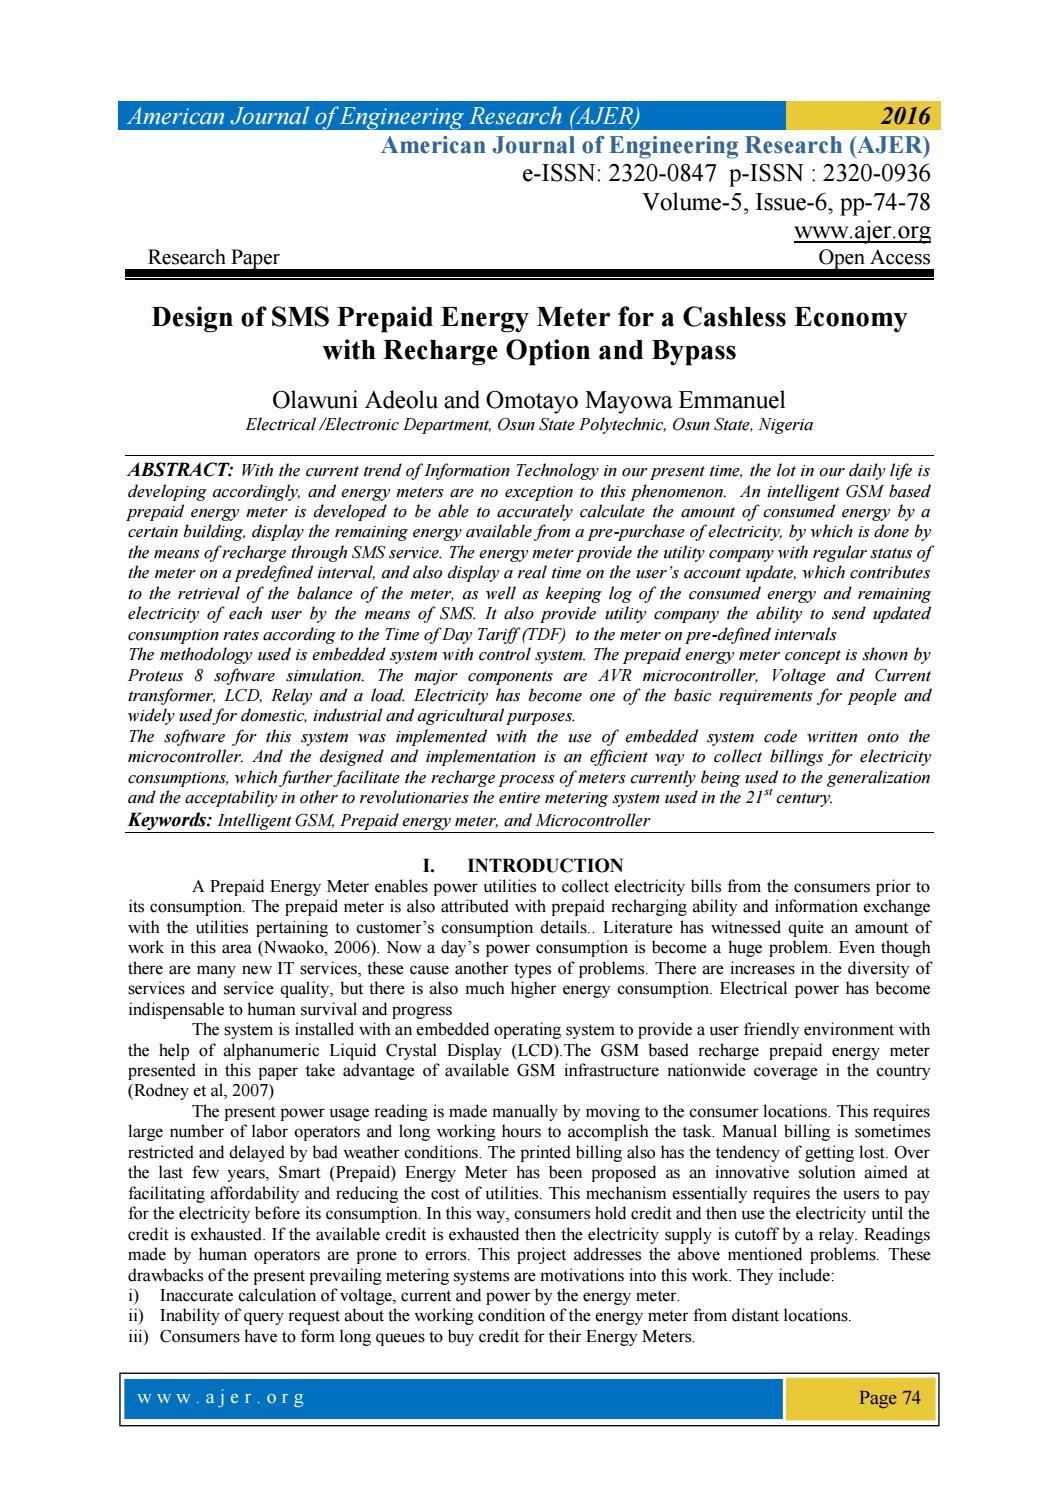 applications of prepaid energy meter